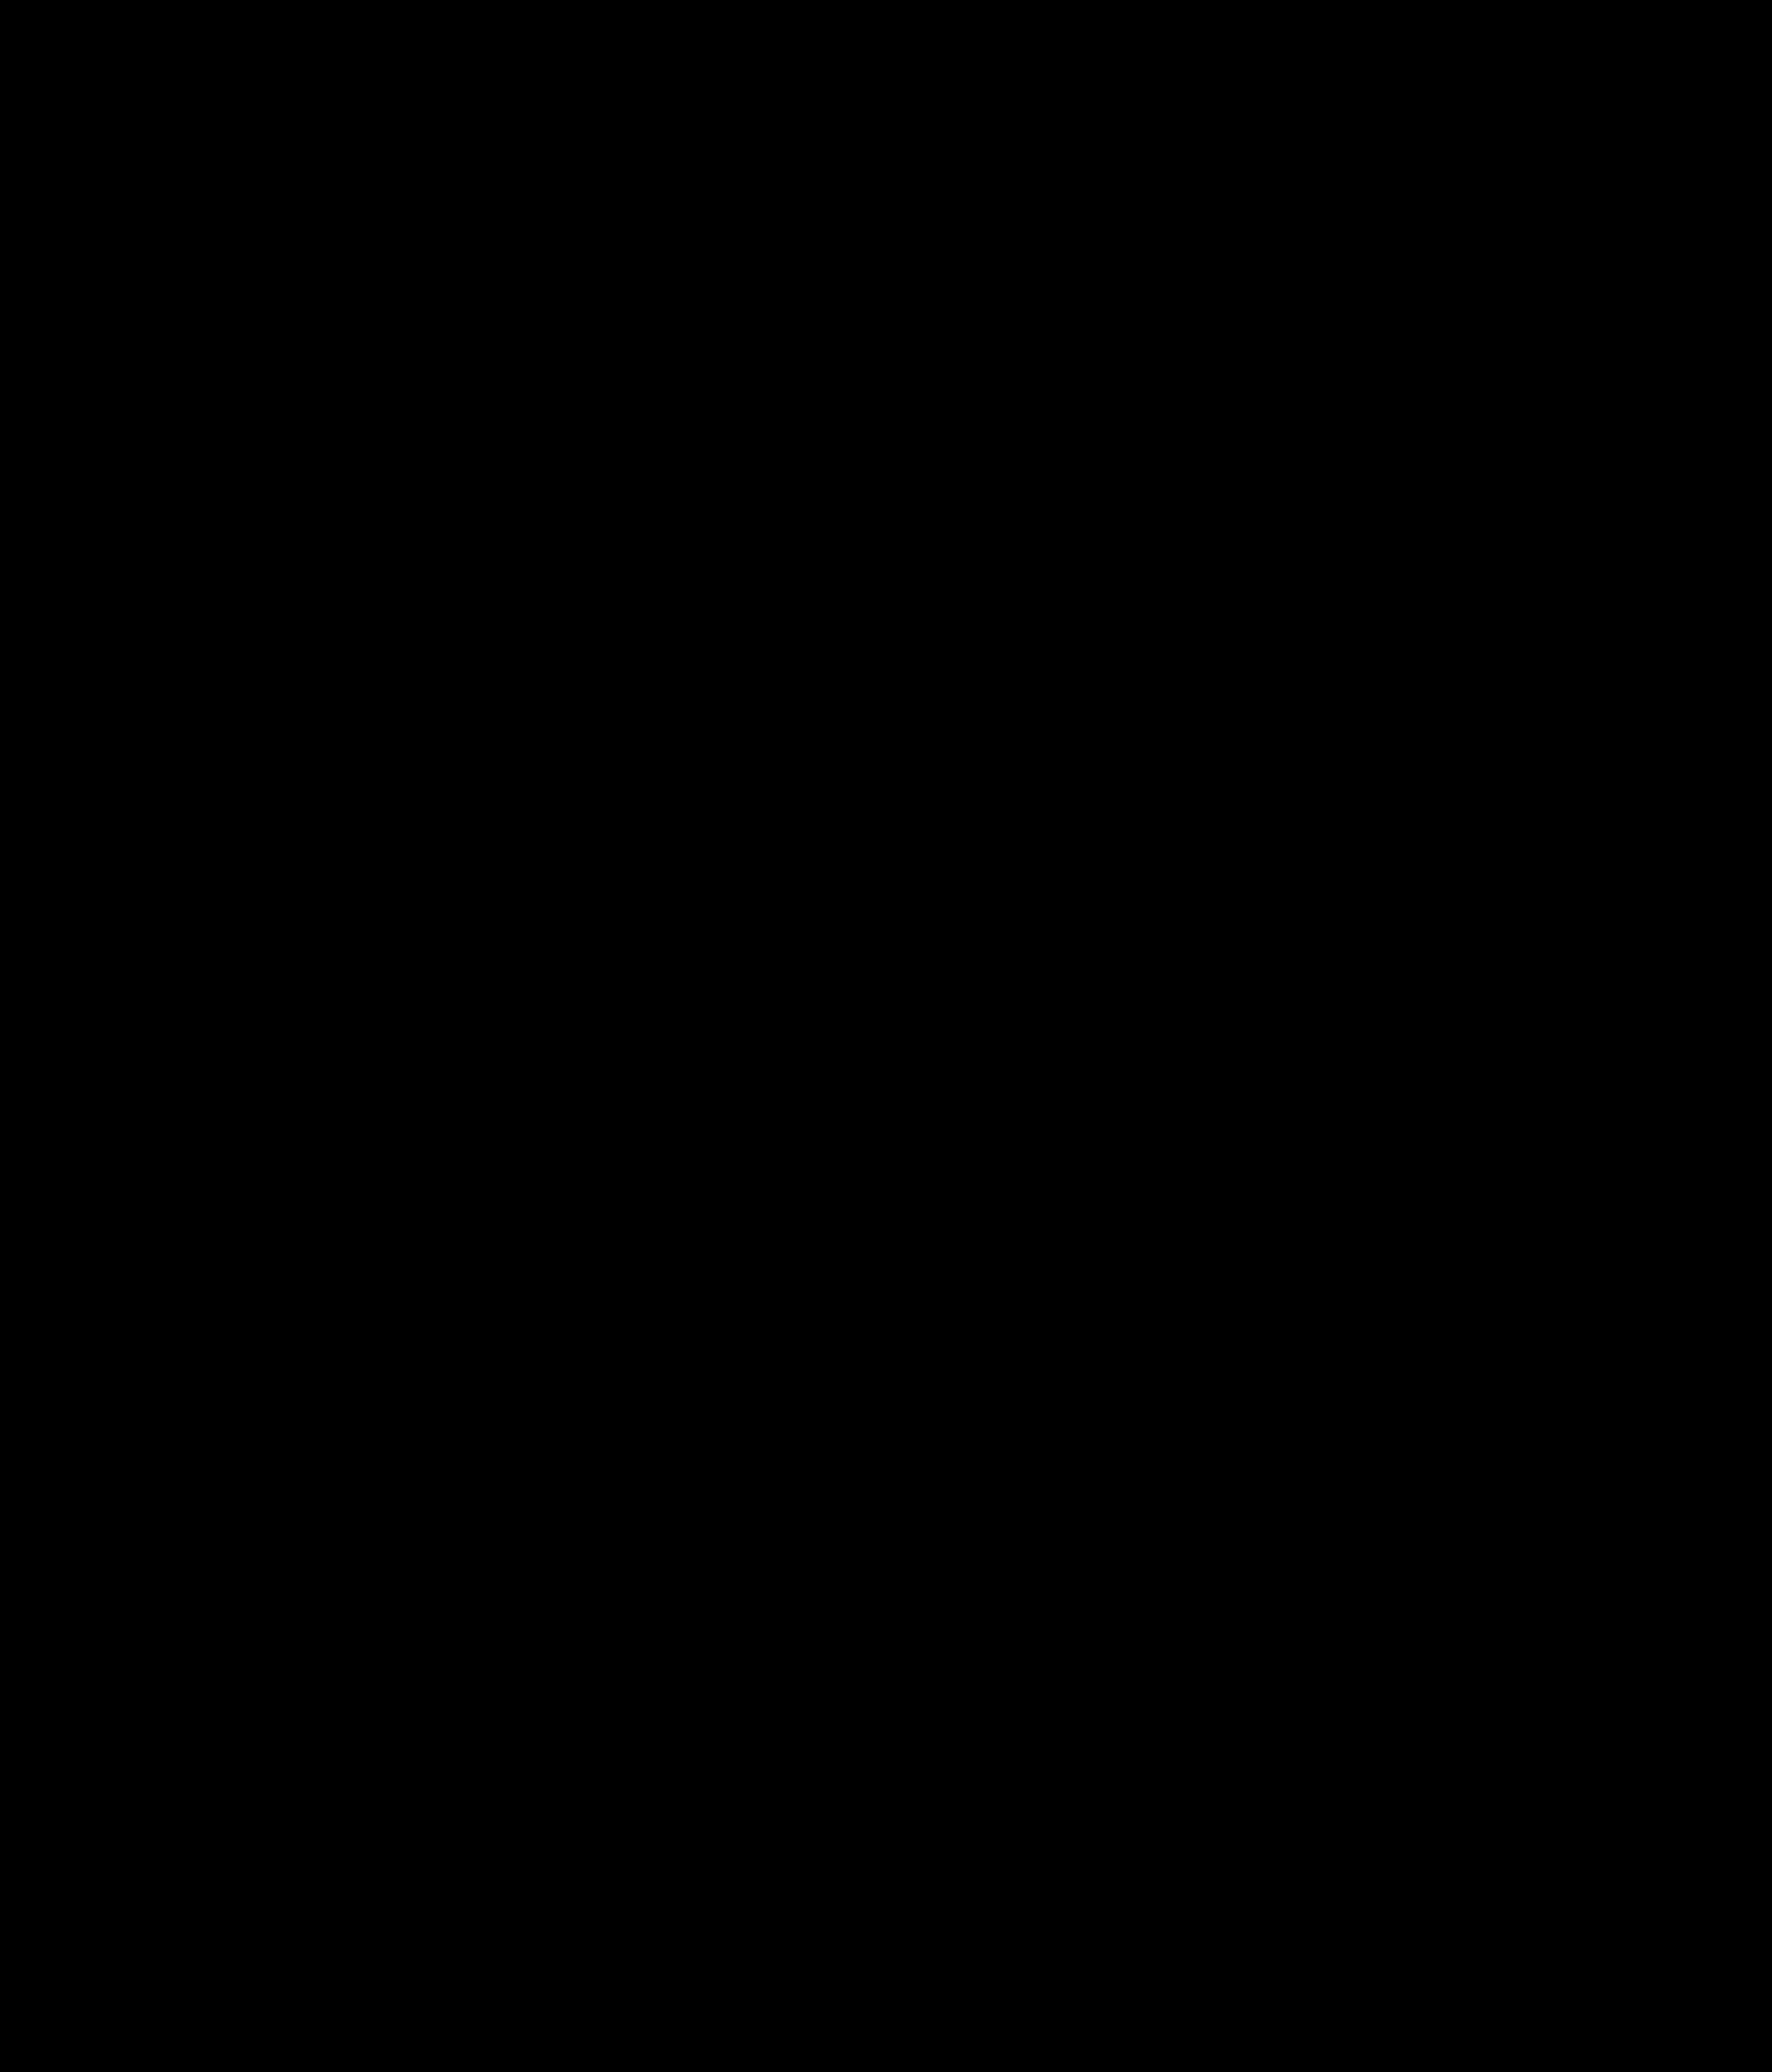 R clipart cursive r. File half svg wikimedia